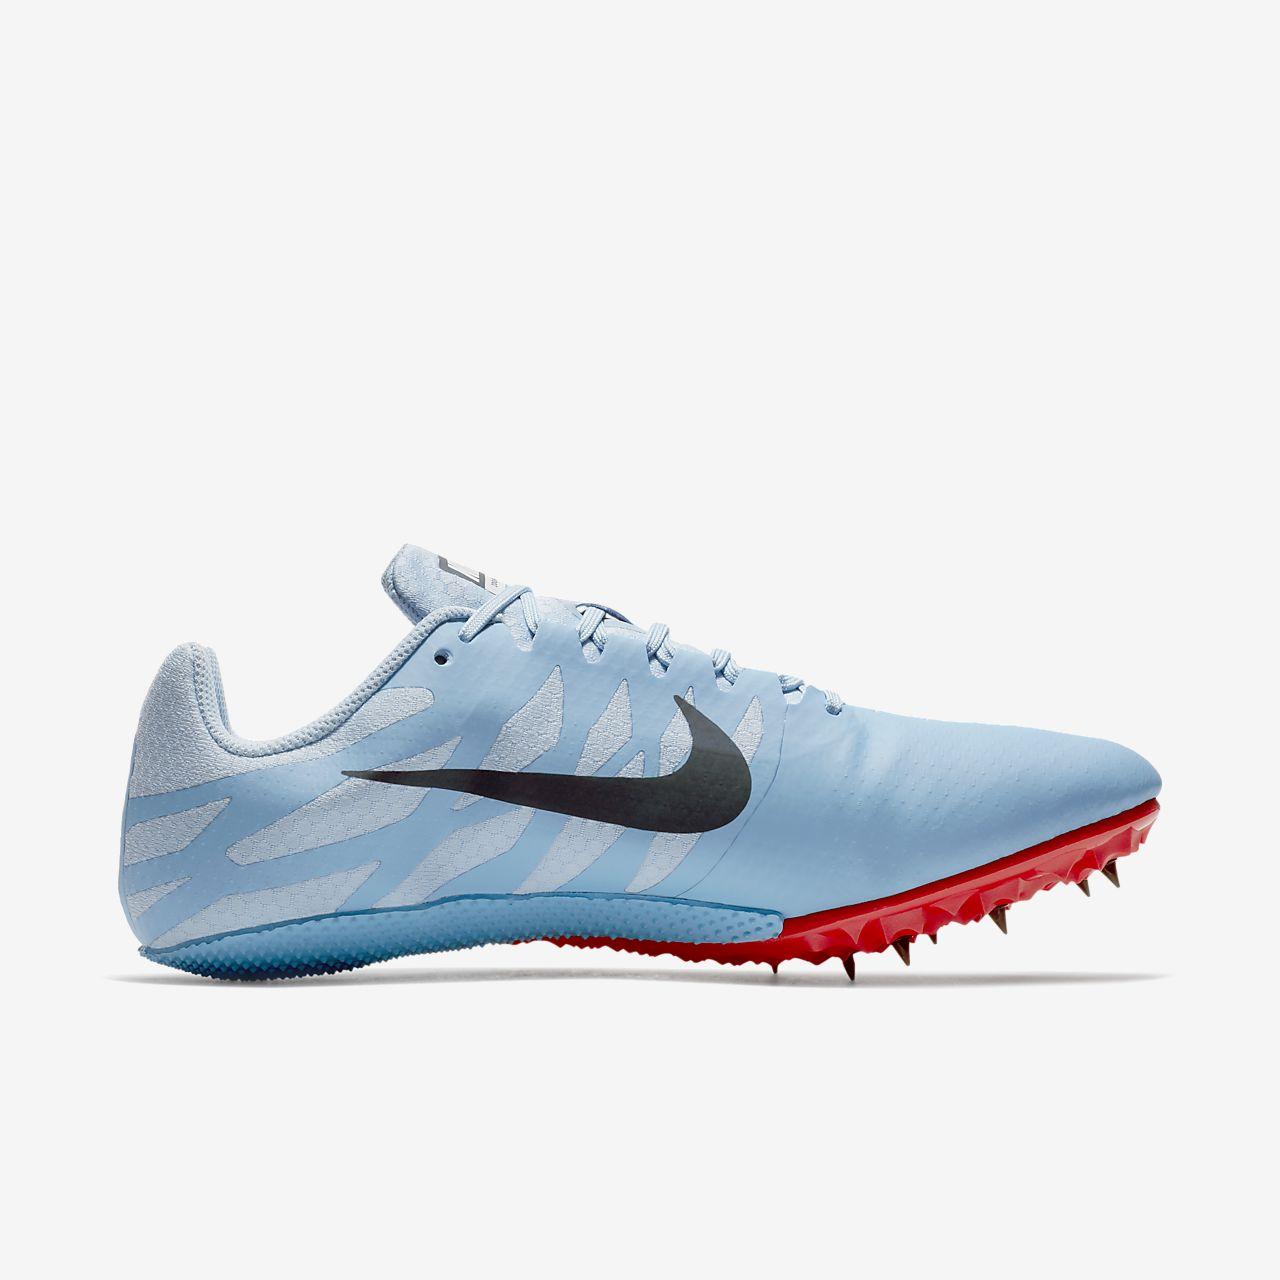 Chiodate Scarpe Chiodate Scarpe Scarpe Nike Scarpe Nike Atletica Chiodate Atletica Atletica Nike Nike m0wvN8Oyn